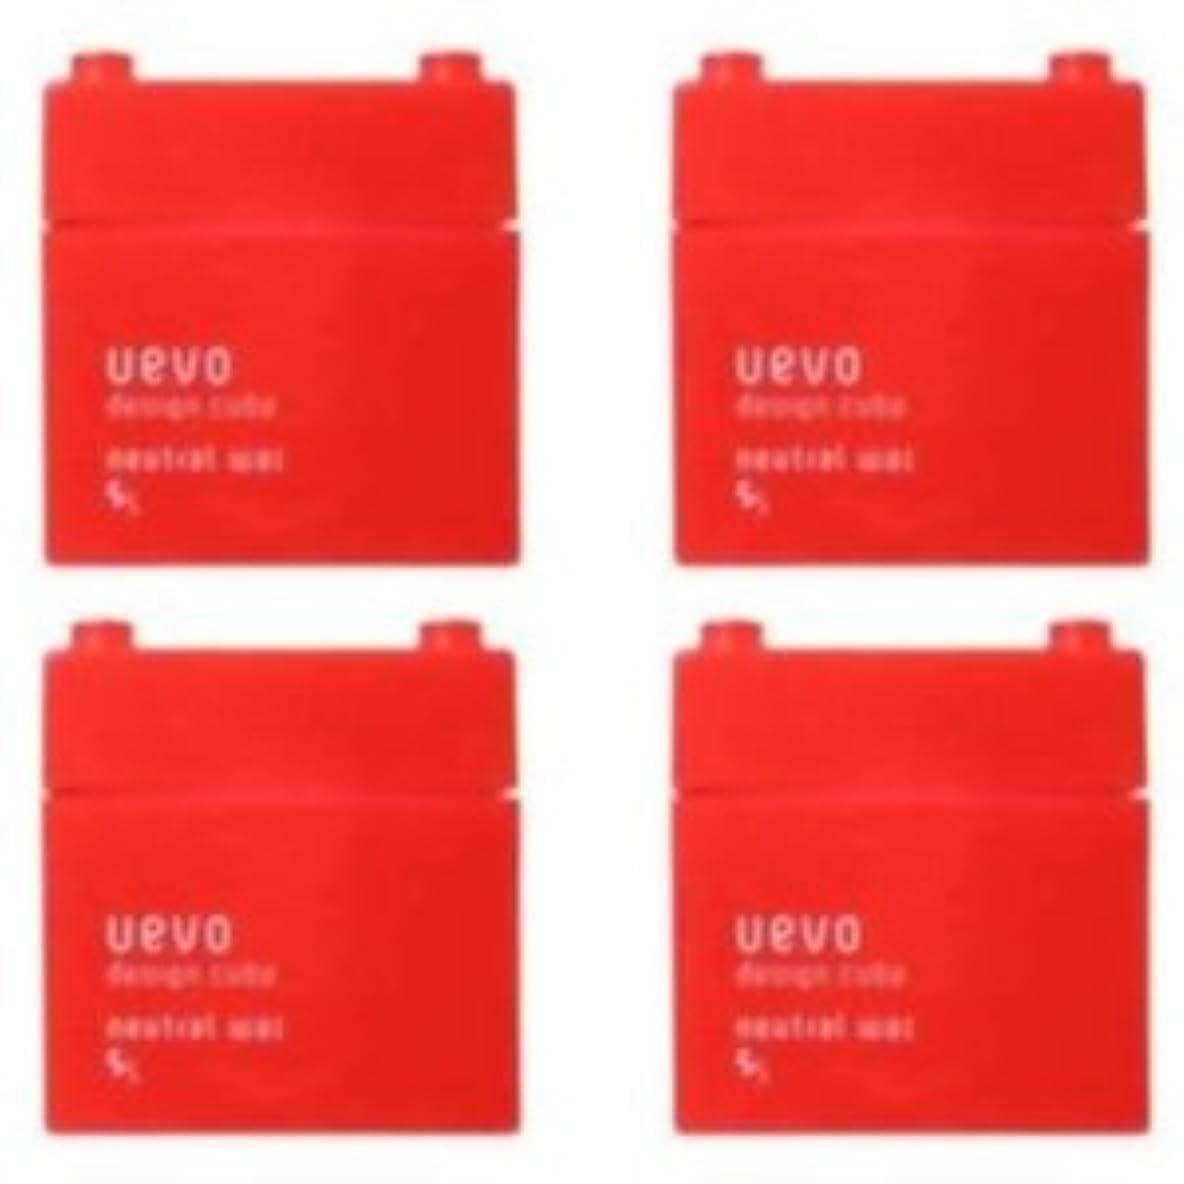 気を散らすすり減る酔って【X4個セット】 デミ ウェーボ デザインキューブ ニュートラルワックス 80g neutral wax DEMI uevo design cube